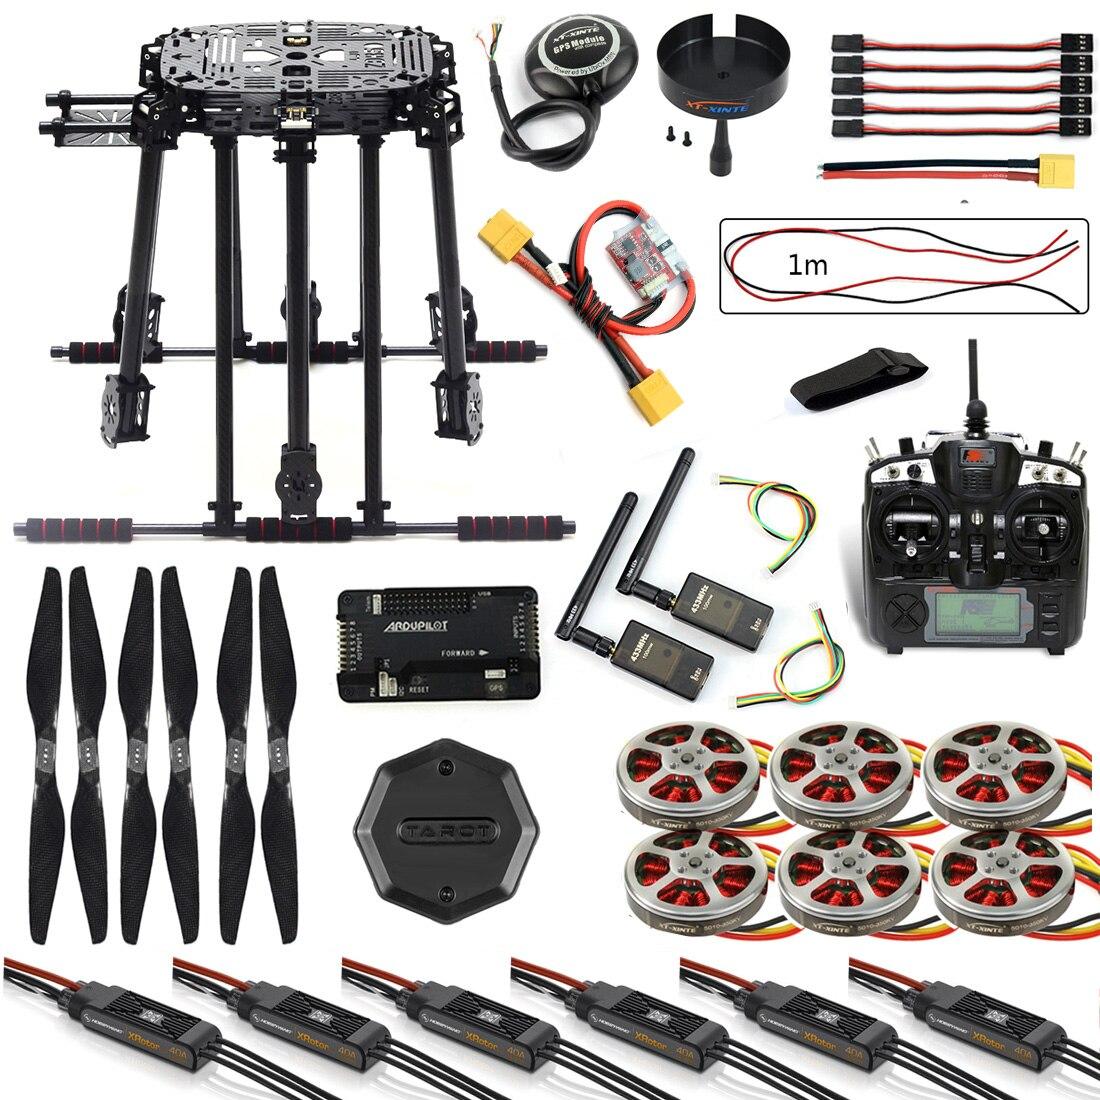 DIY ZD850 кадров Комплект Полетный контроллер apm2.8 M8N gps Flysky TH9X удаленного Управление 3DR телеметрии двигателя ESC для RC Hexacopter F19833 G